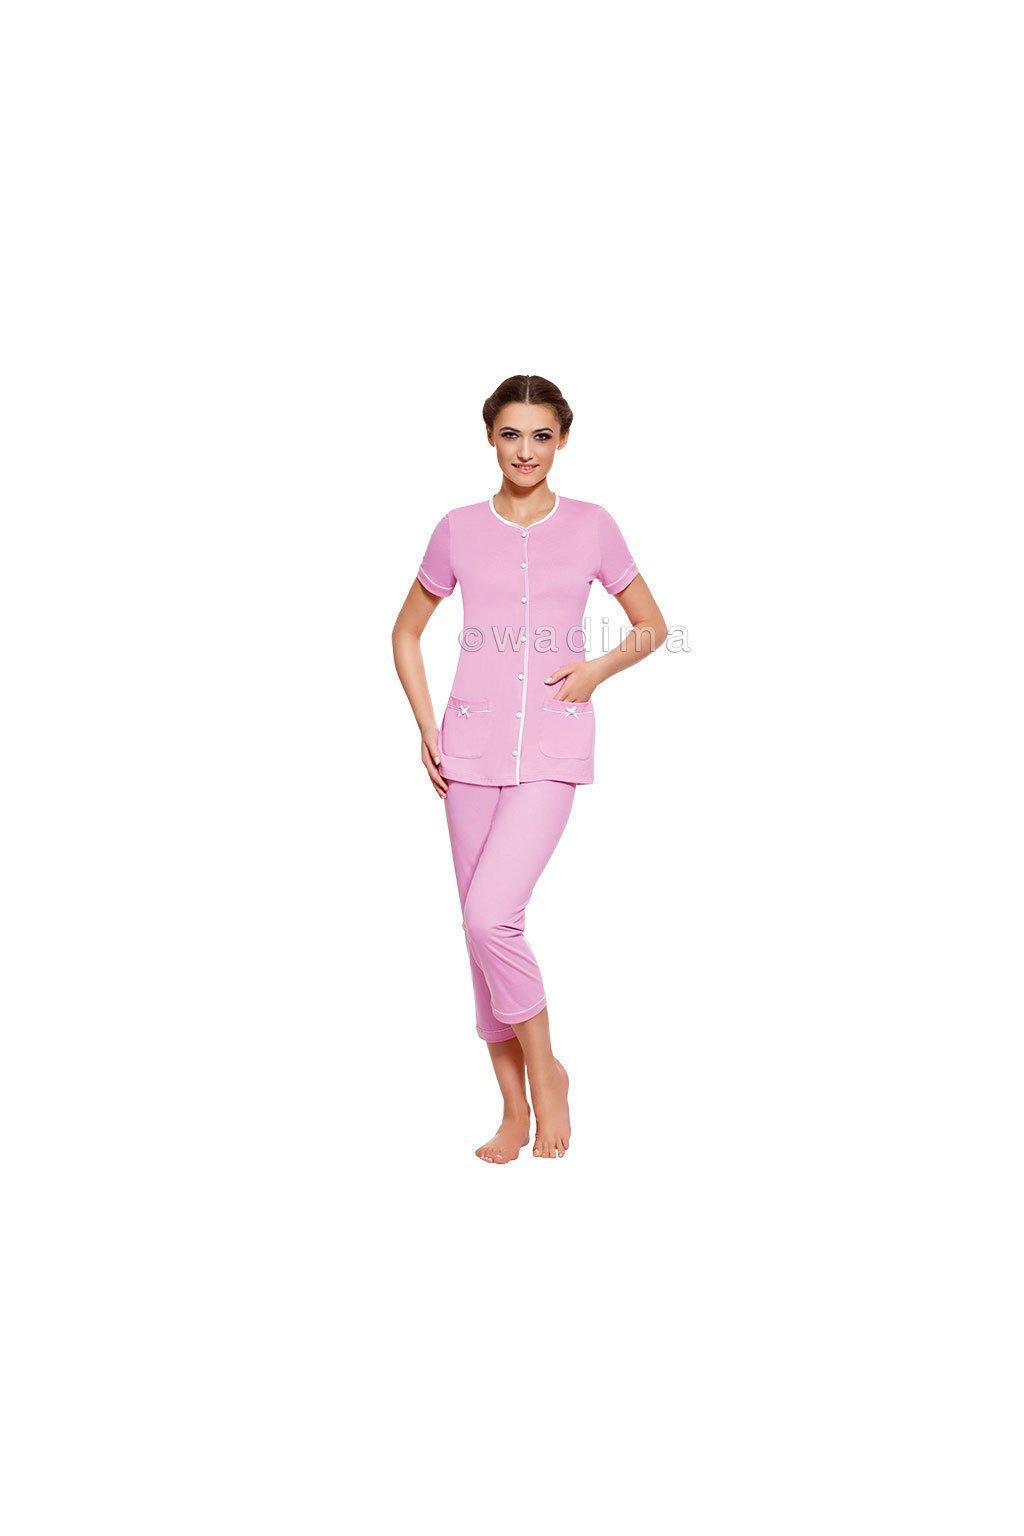 Dámské pyžamo s krátkým rukávem a 3/4 nohavicemi, 104277 338, modrá